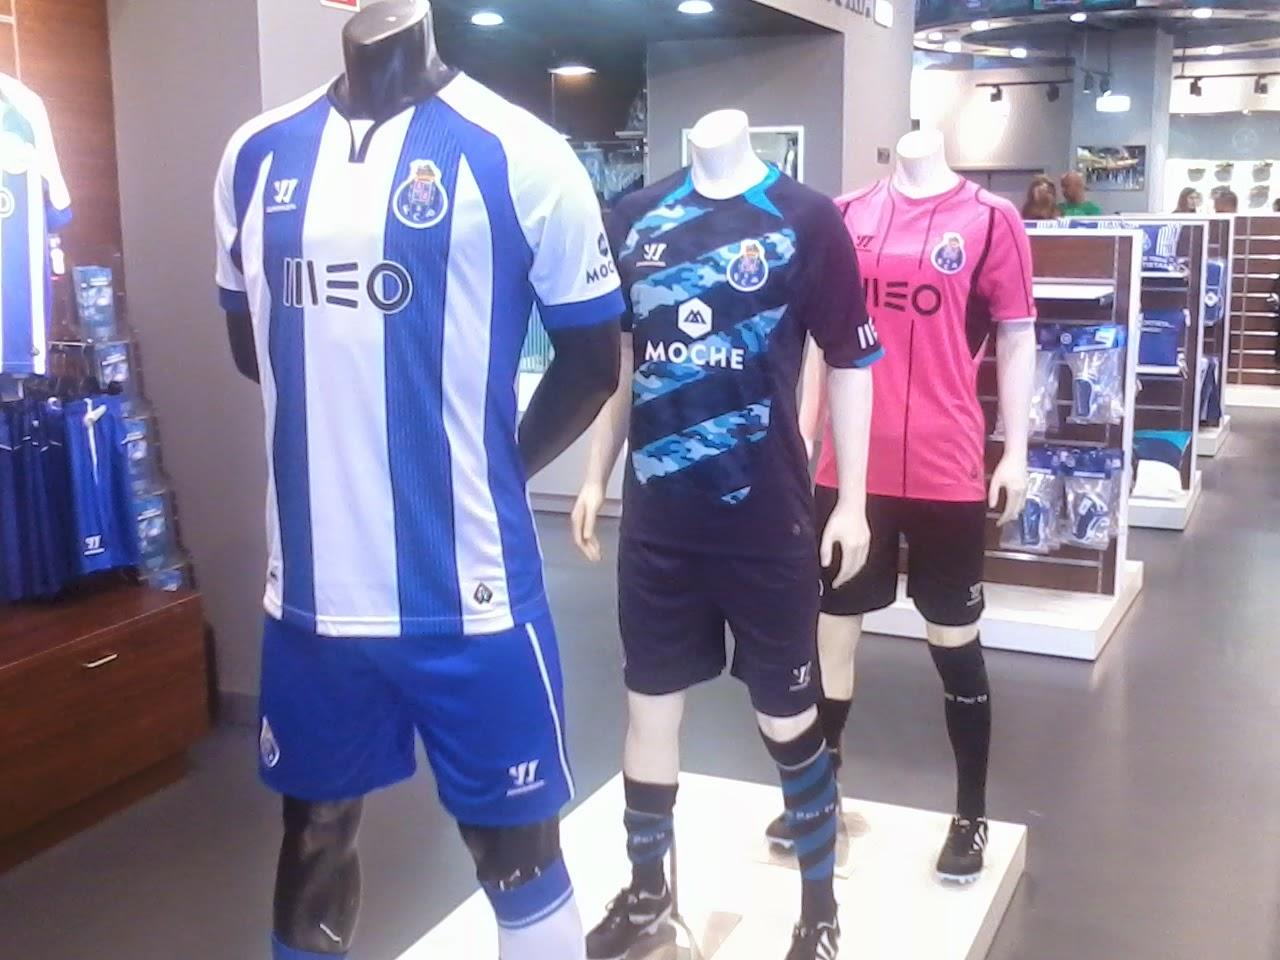 NOVOS EQUIPAMENTOS DO FC PORTO 2013/2014